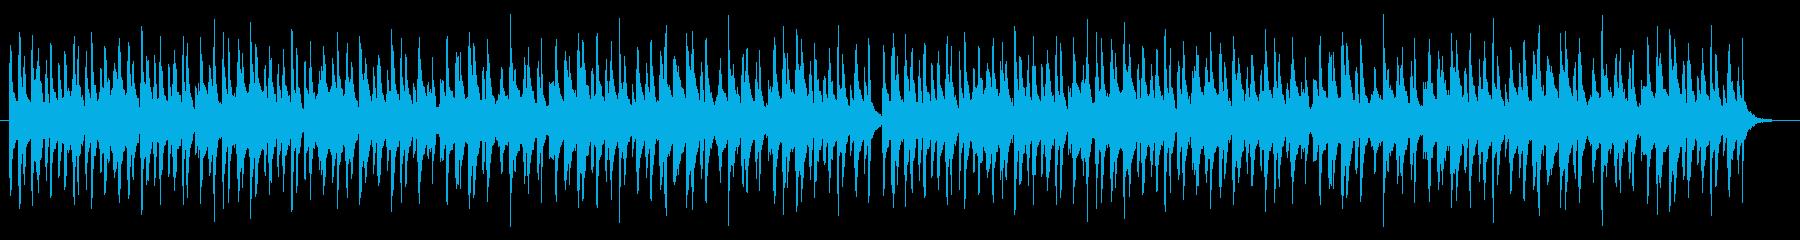 賑やかなお囃子の再生済みの波形